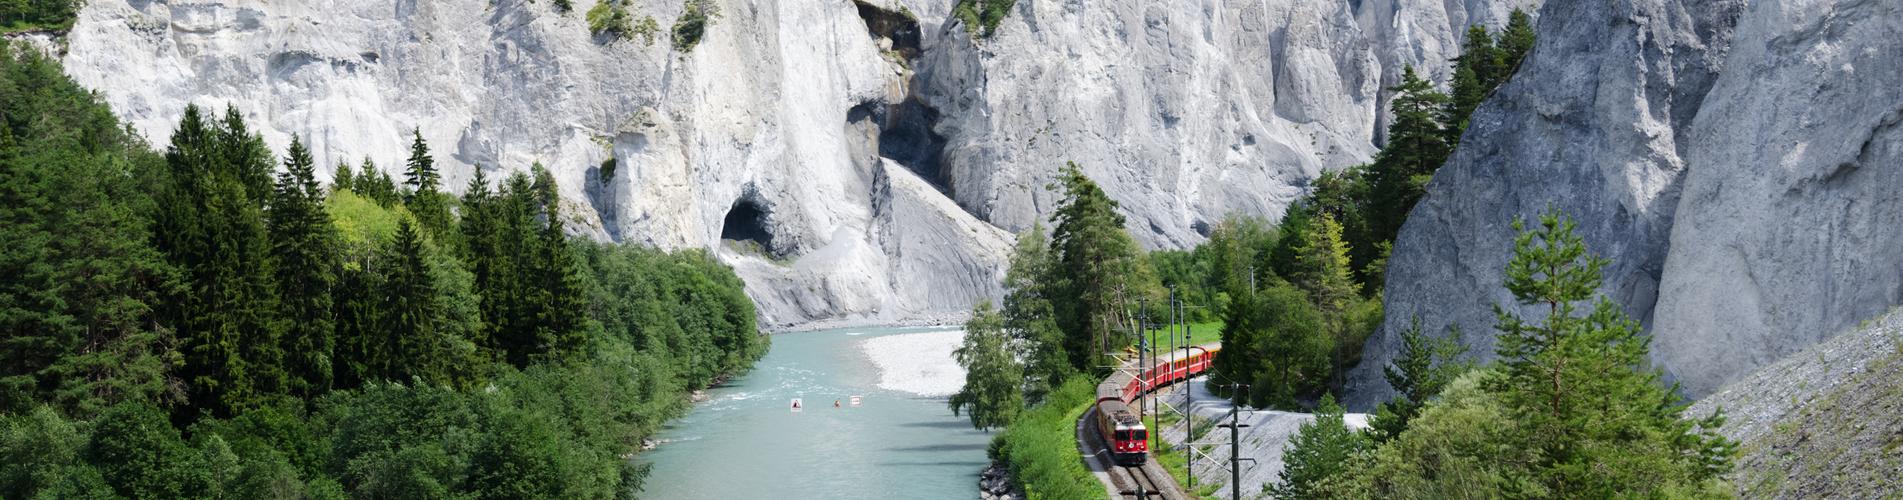 Wanderung durch die Rheinschlucht